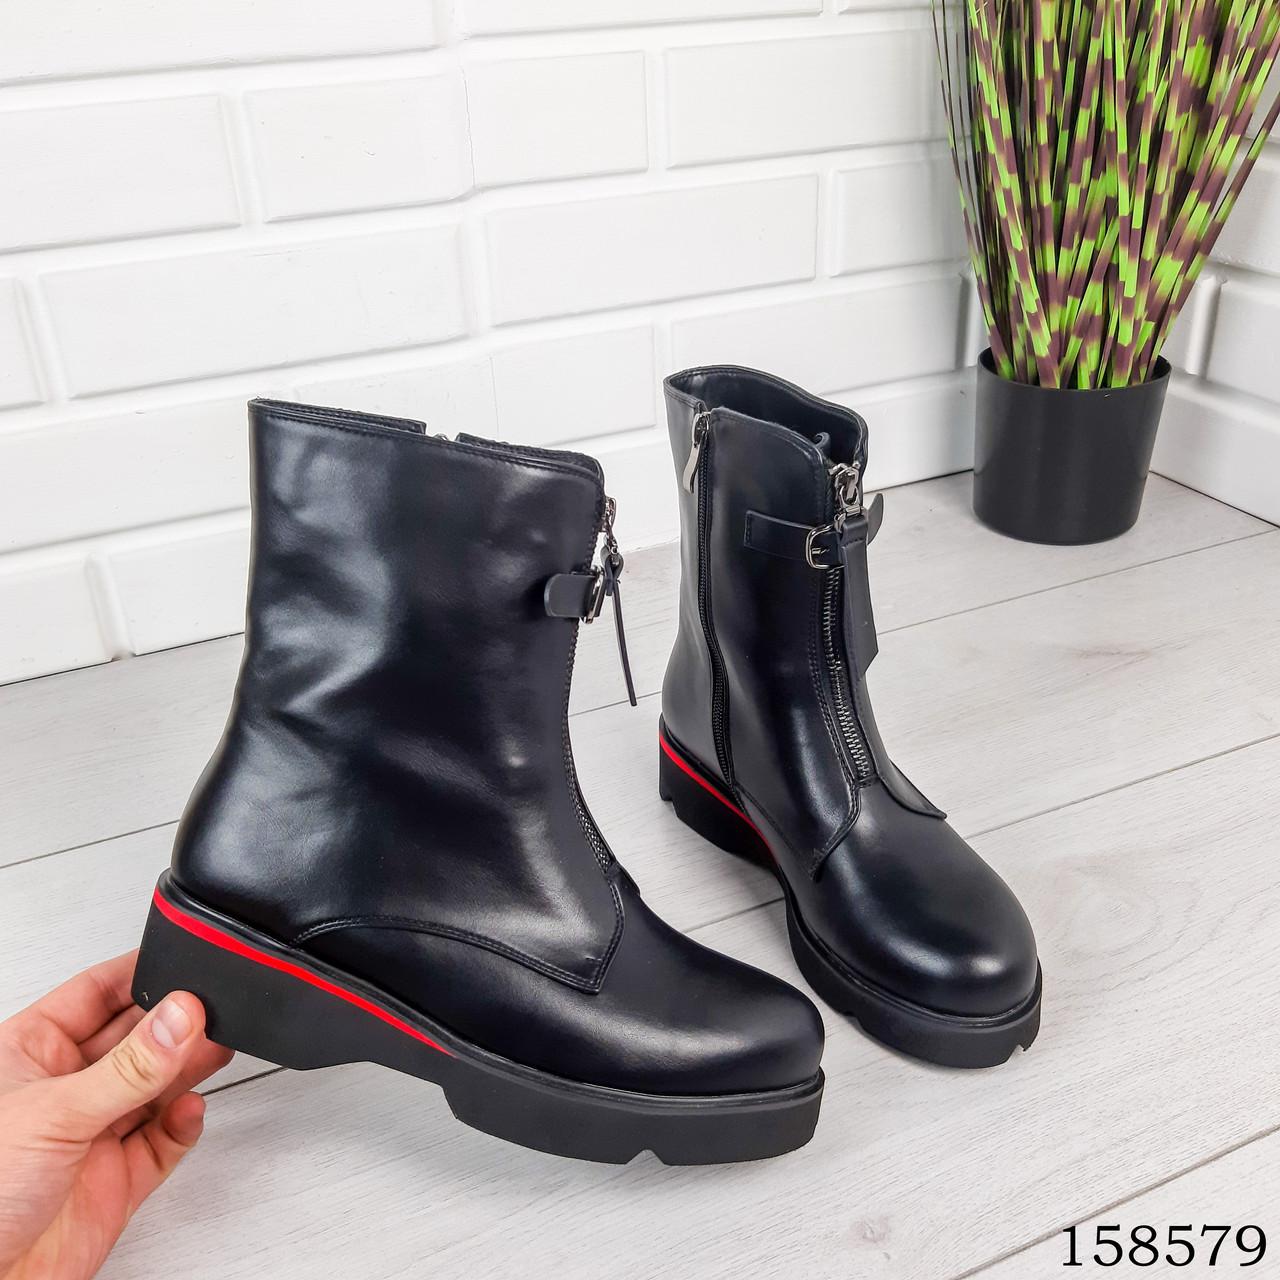 Женские ботинки демисезонные на молнии, черного цвета из эко кожи, внутри флис